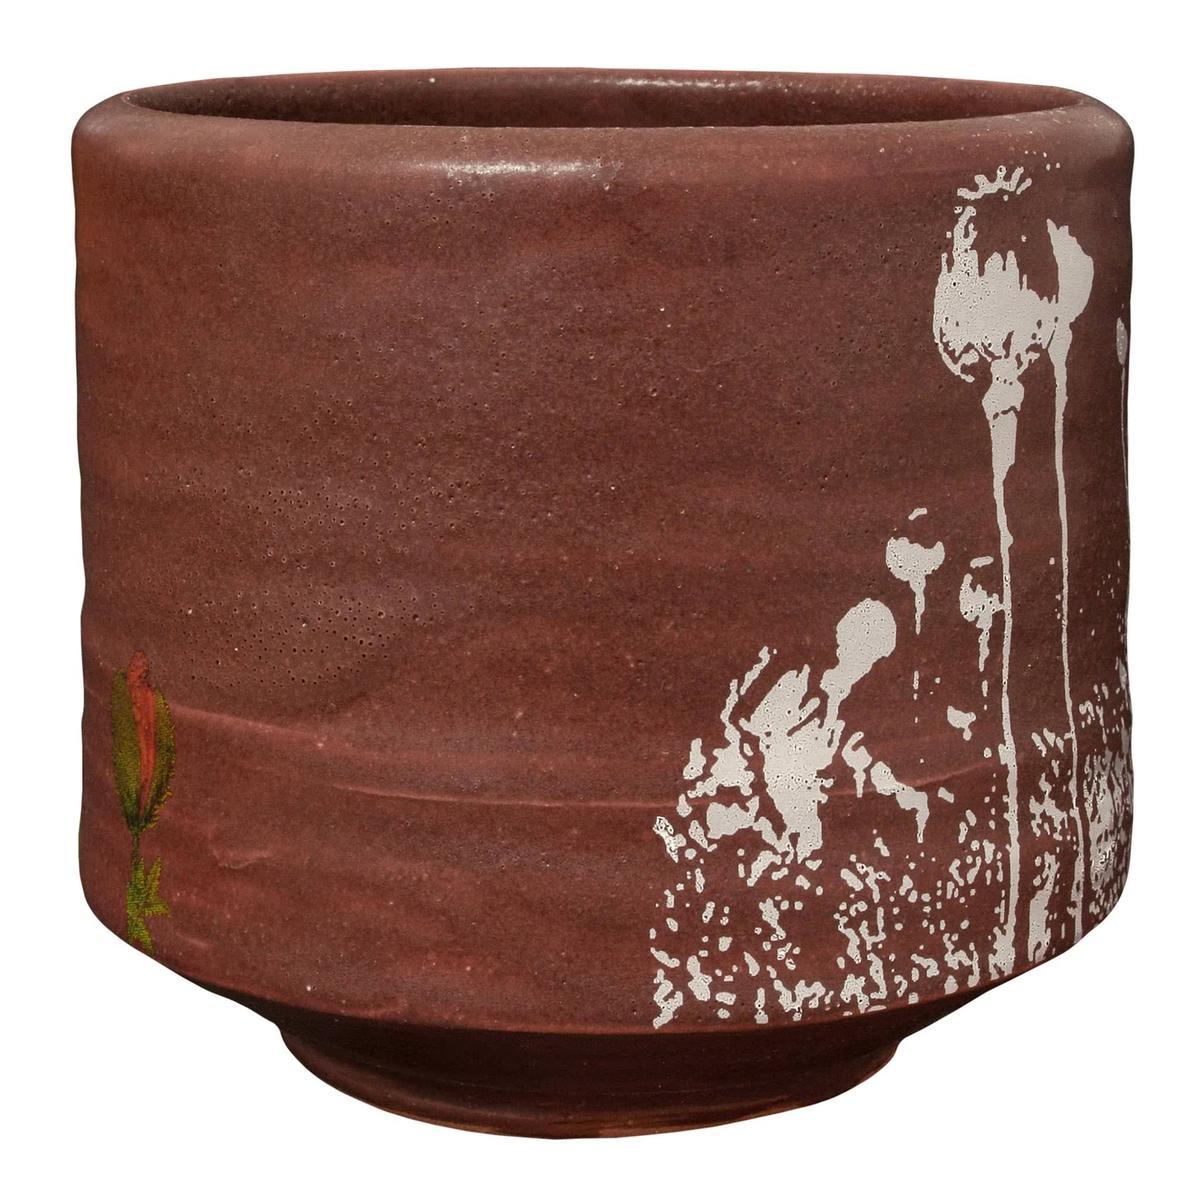 venta de esmalte para cerámica amaco Low Fire Matt Lm-30 cocoa brown baja temperatura